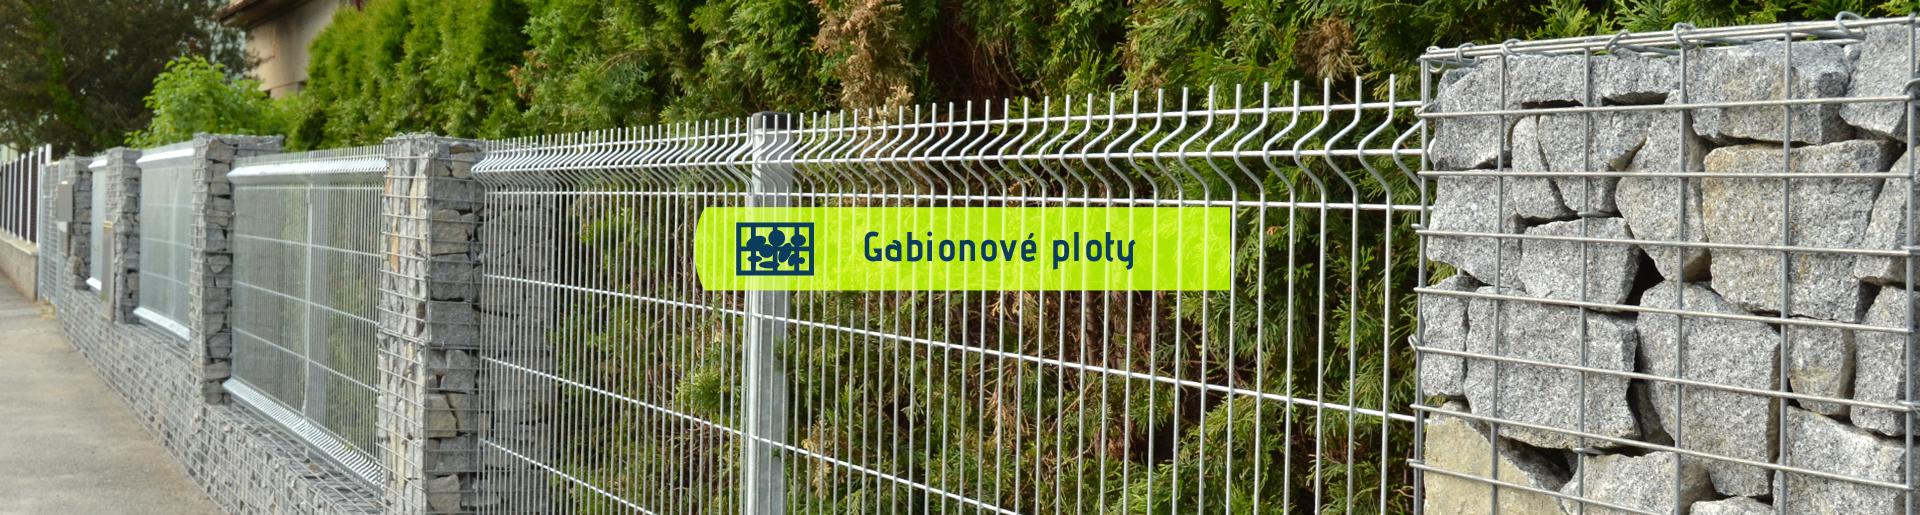 Gabionové ploty